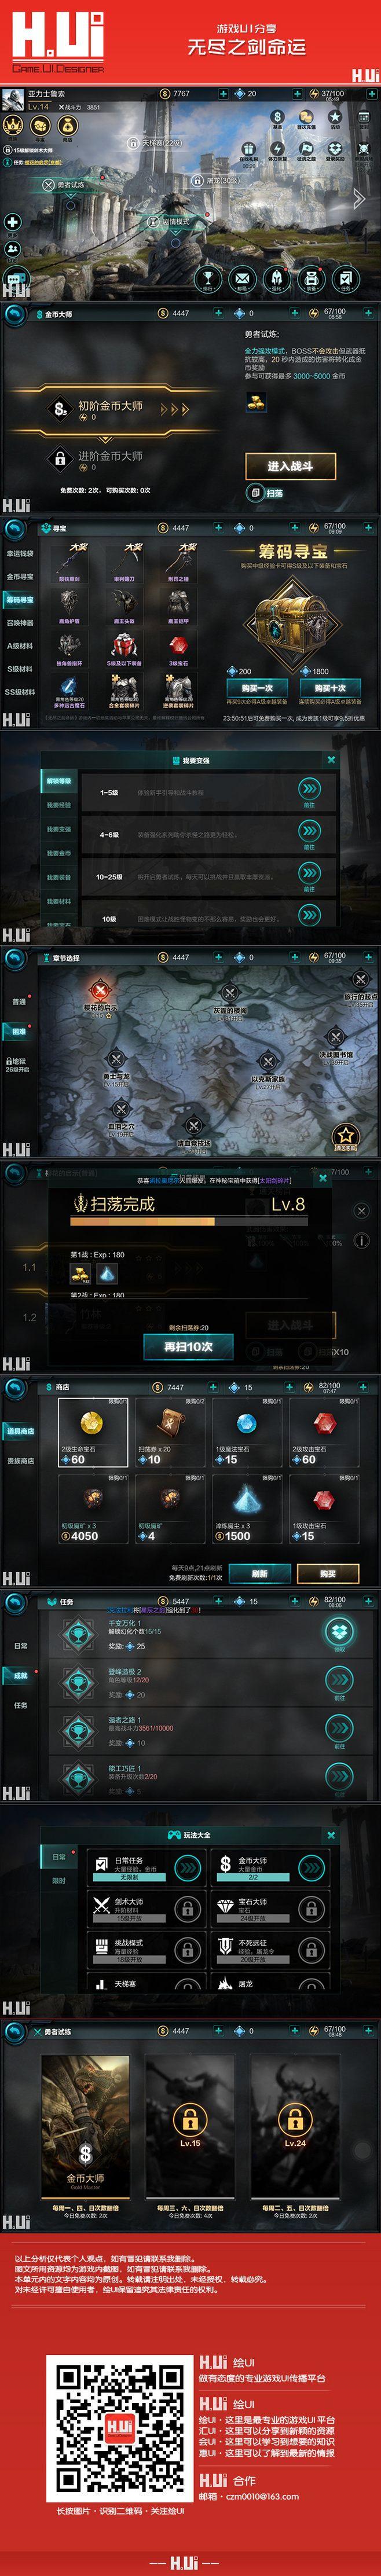 无尽之剑命运 手游 #游戏UI# 绘UI...